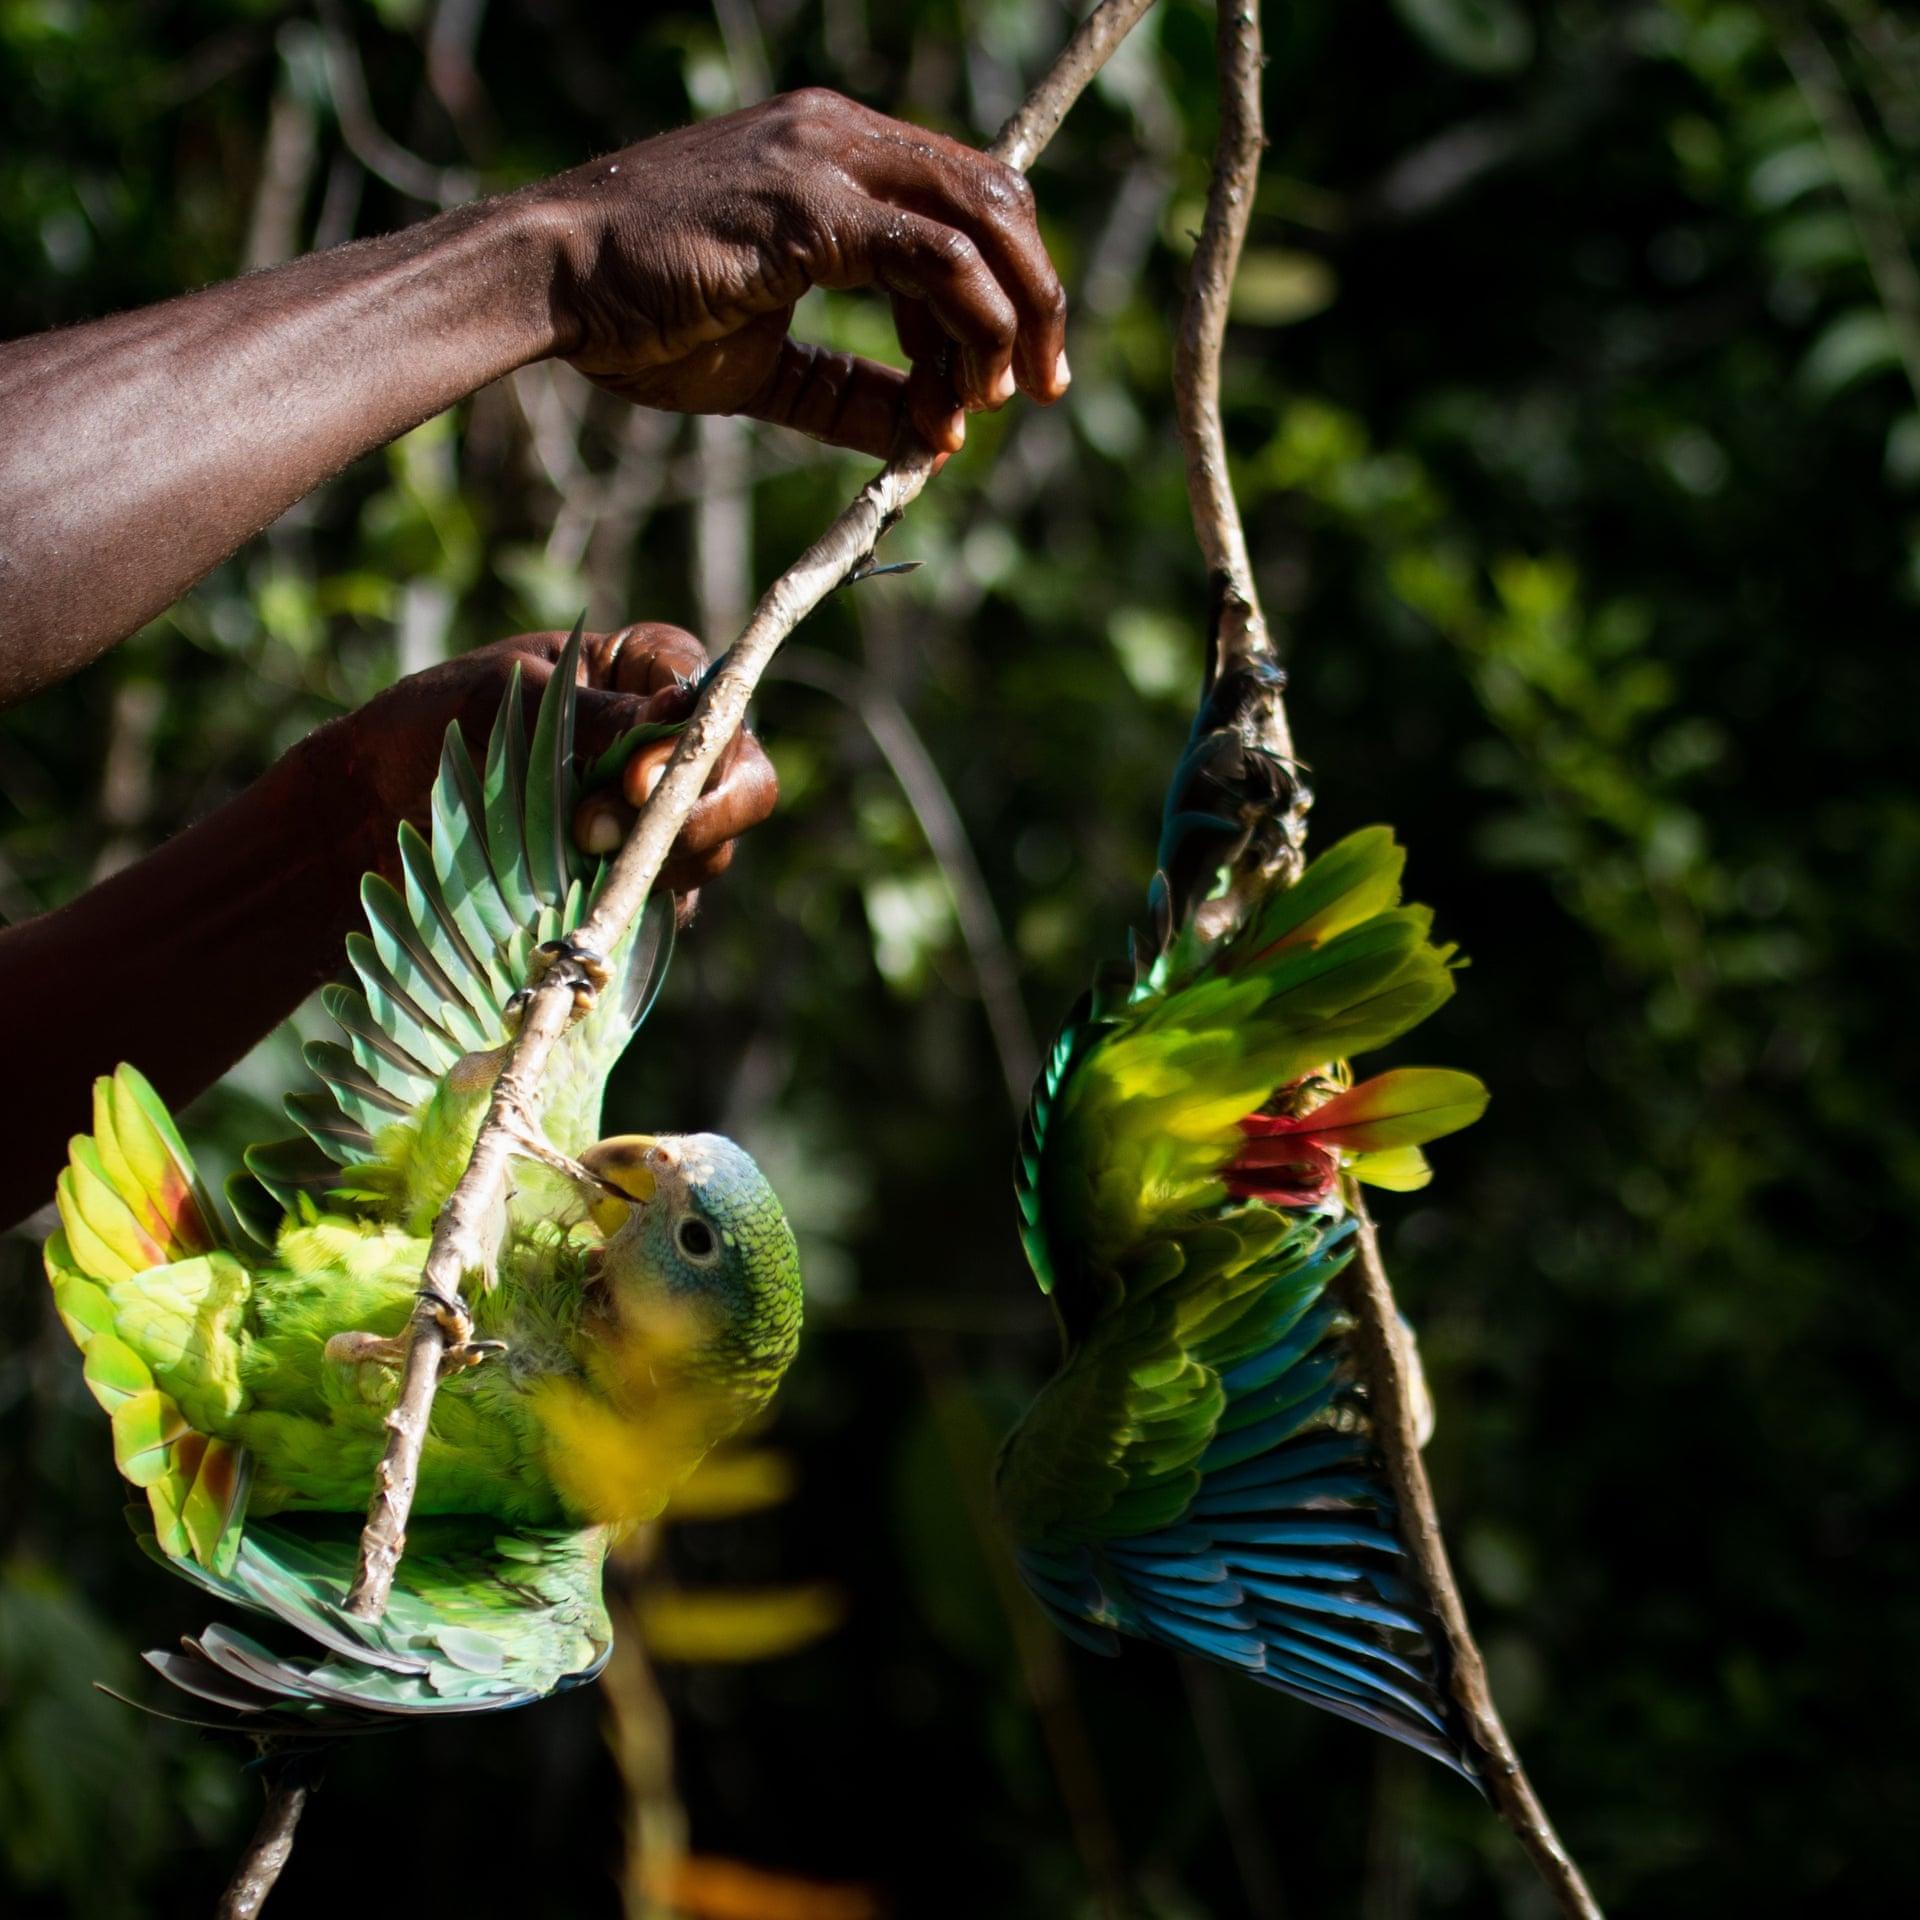 Вы видите эпизод изохоты напопугаев наБольших Антильских островах. Эта охота — одна изтрадиций народов Карибского бассейна. Врезультате попугаи находятся подугрозой исчезновения.